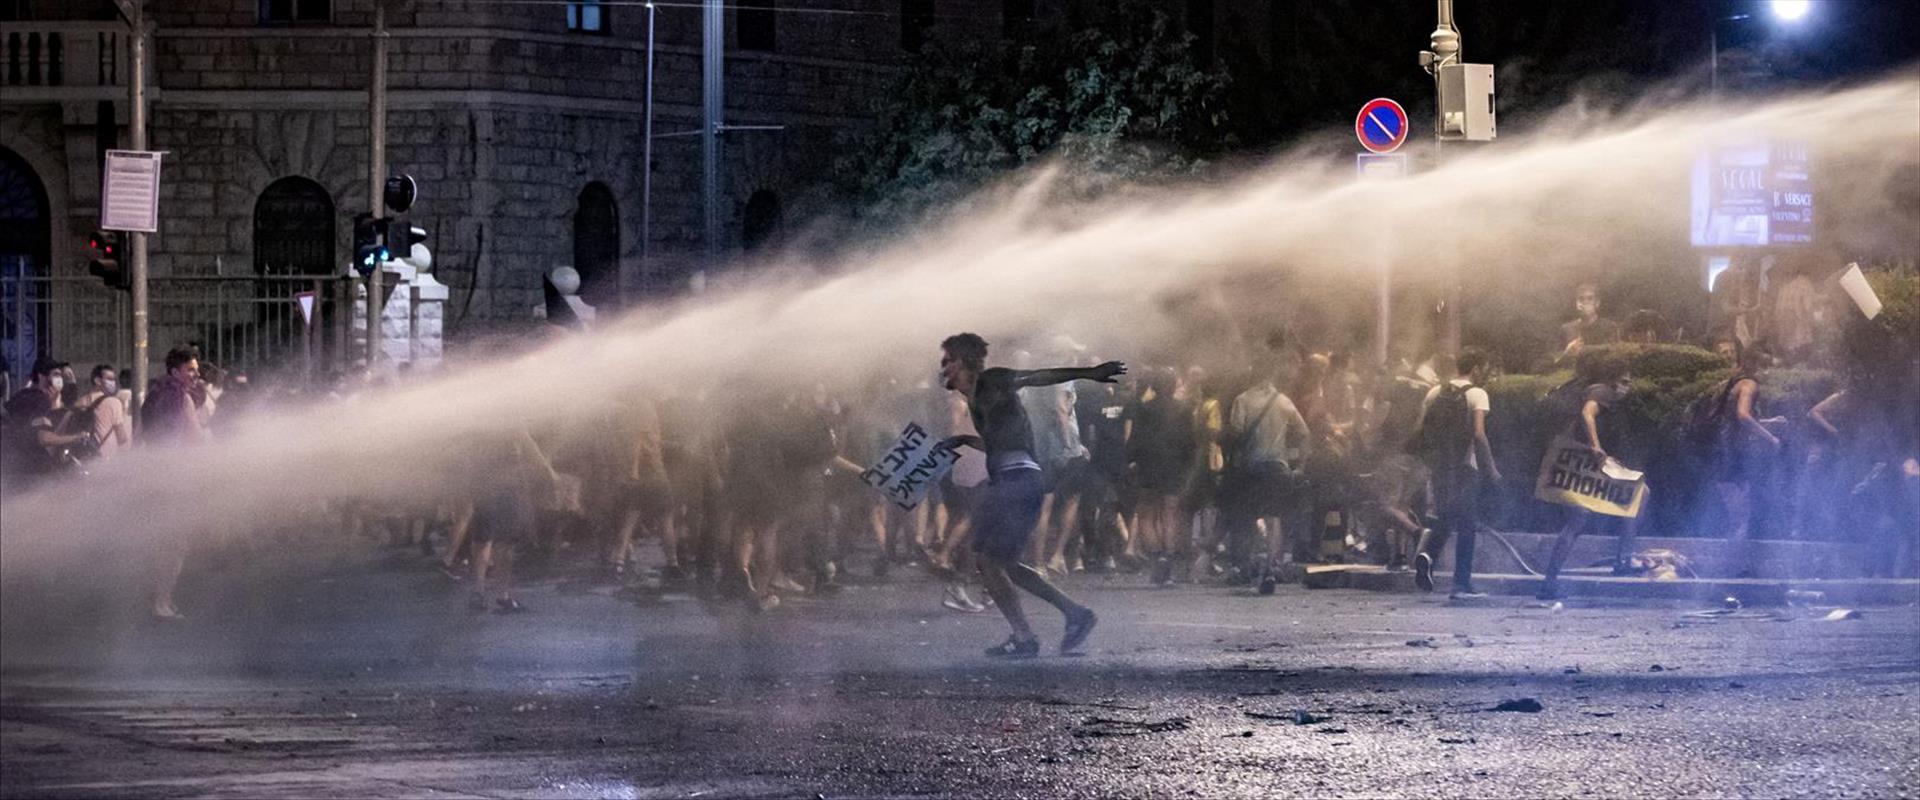 המפגינים שנפגעו מאלימות שוטרים משחזרים